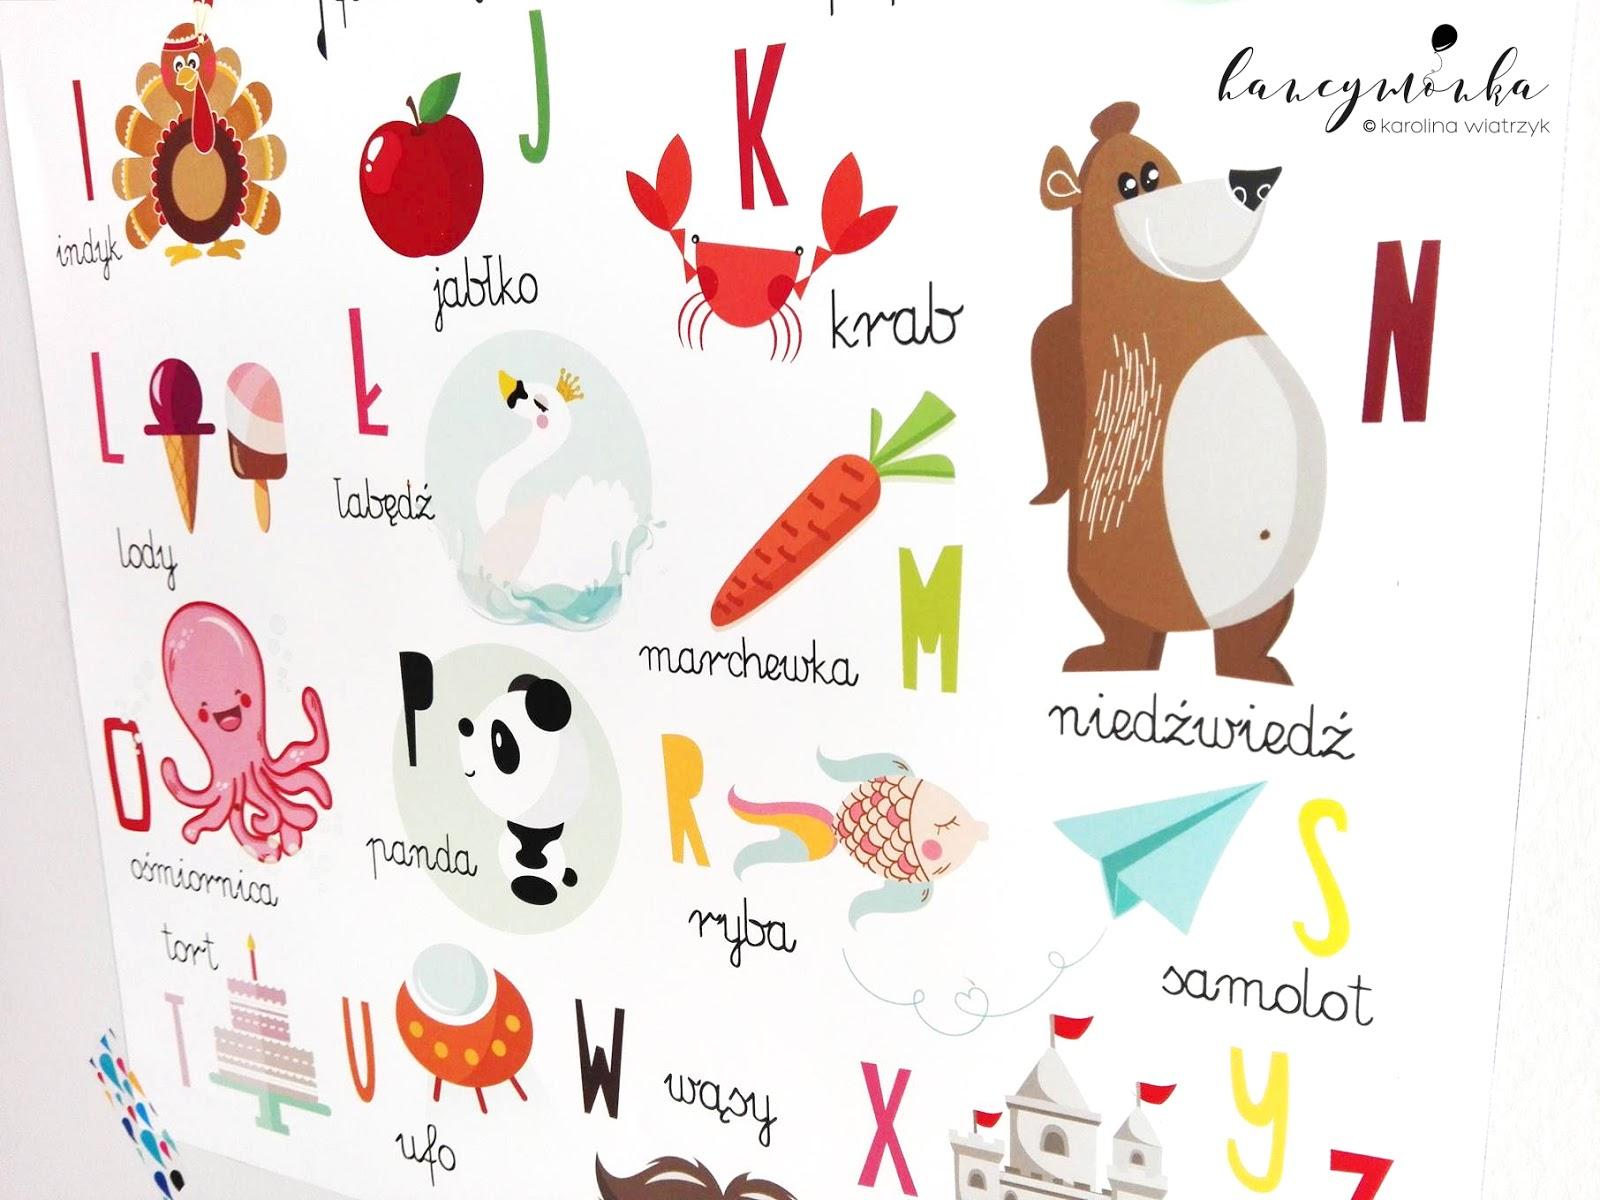 plakaty, plakat, plakat edukacyjny, alfabet, abecadło, poster, alphabet, nauka przez zabawę, uczmy bawiąc, hancymonka, karolina wiatrzyk, grafika, projekt, walldecor, dekoracja, home decor, dla dzieci, design, design for kids